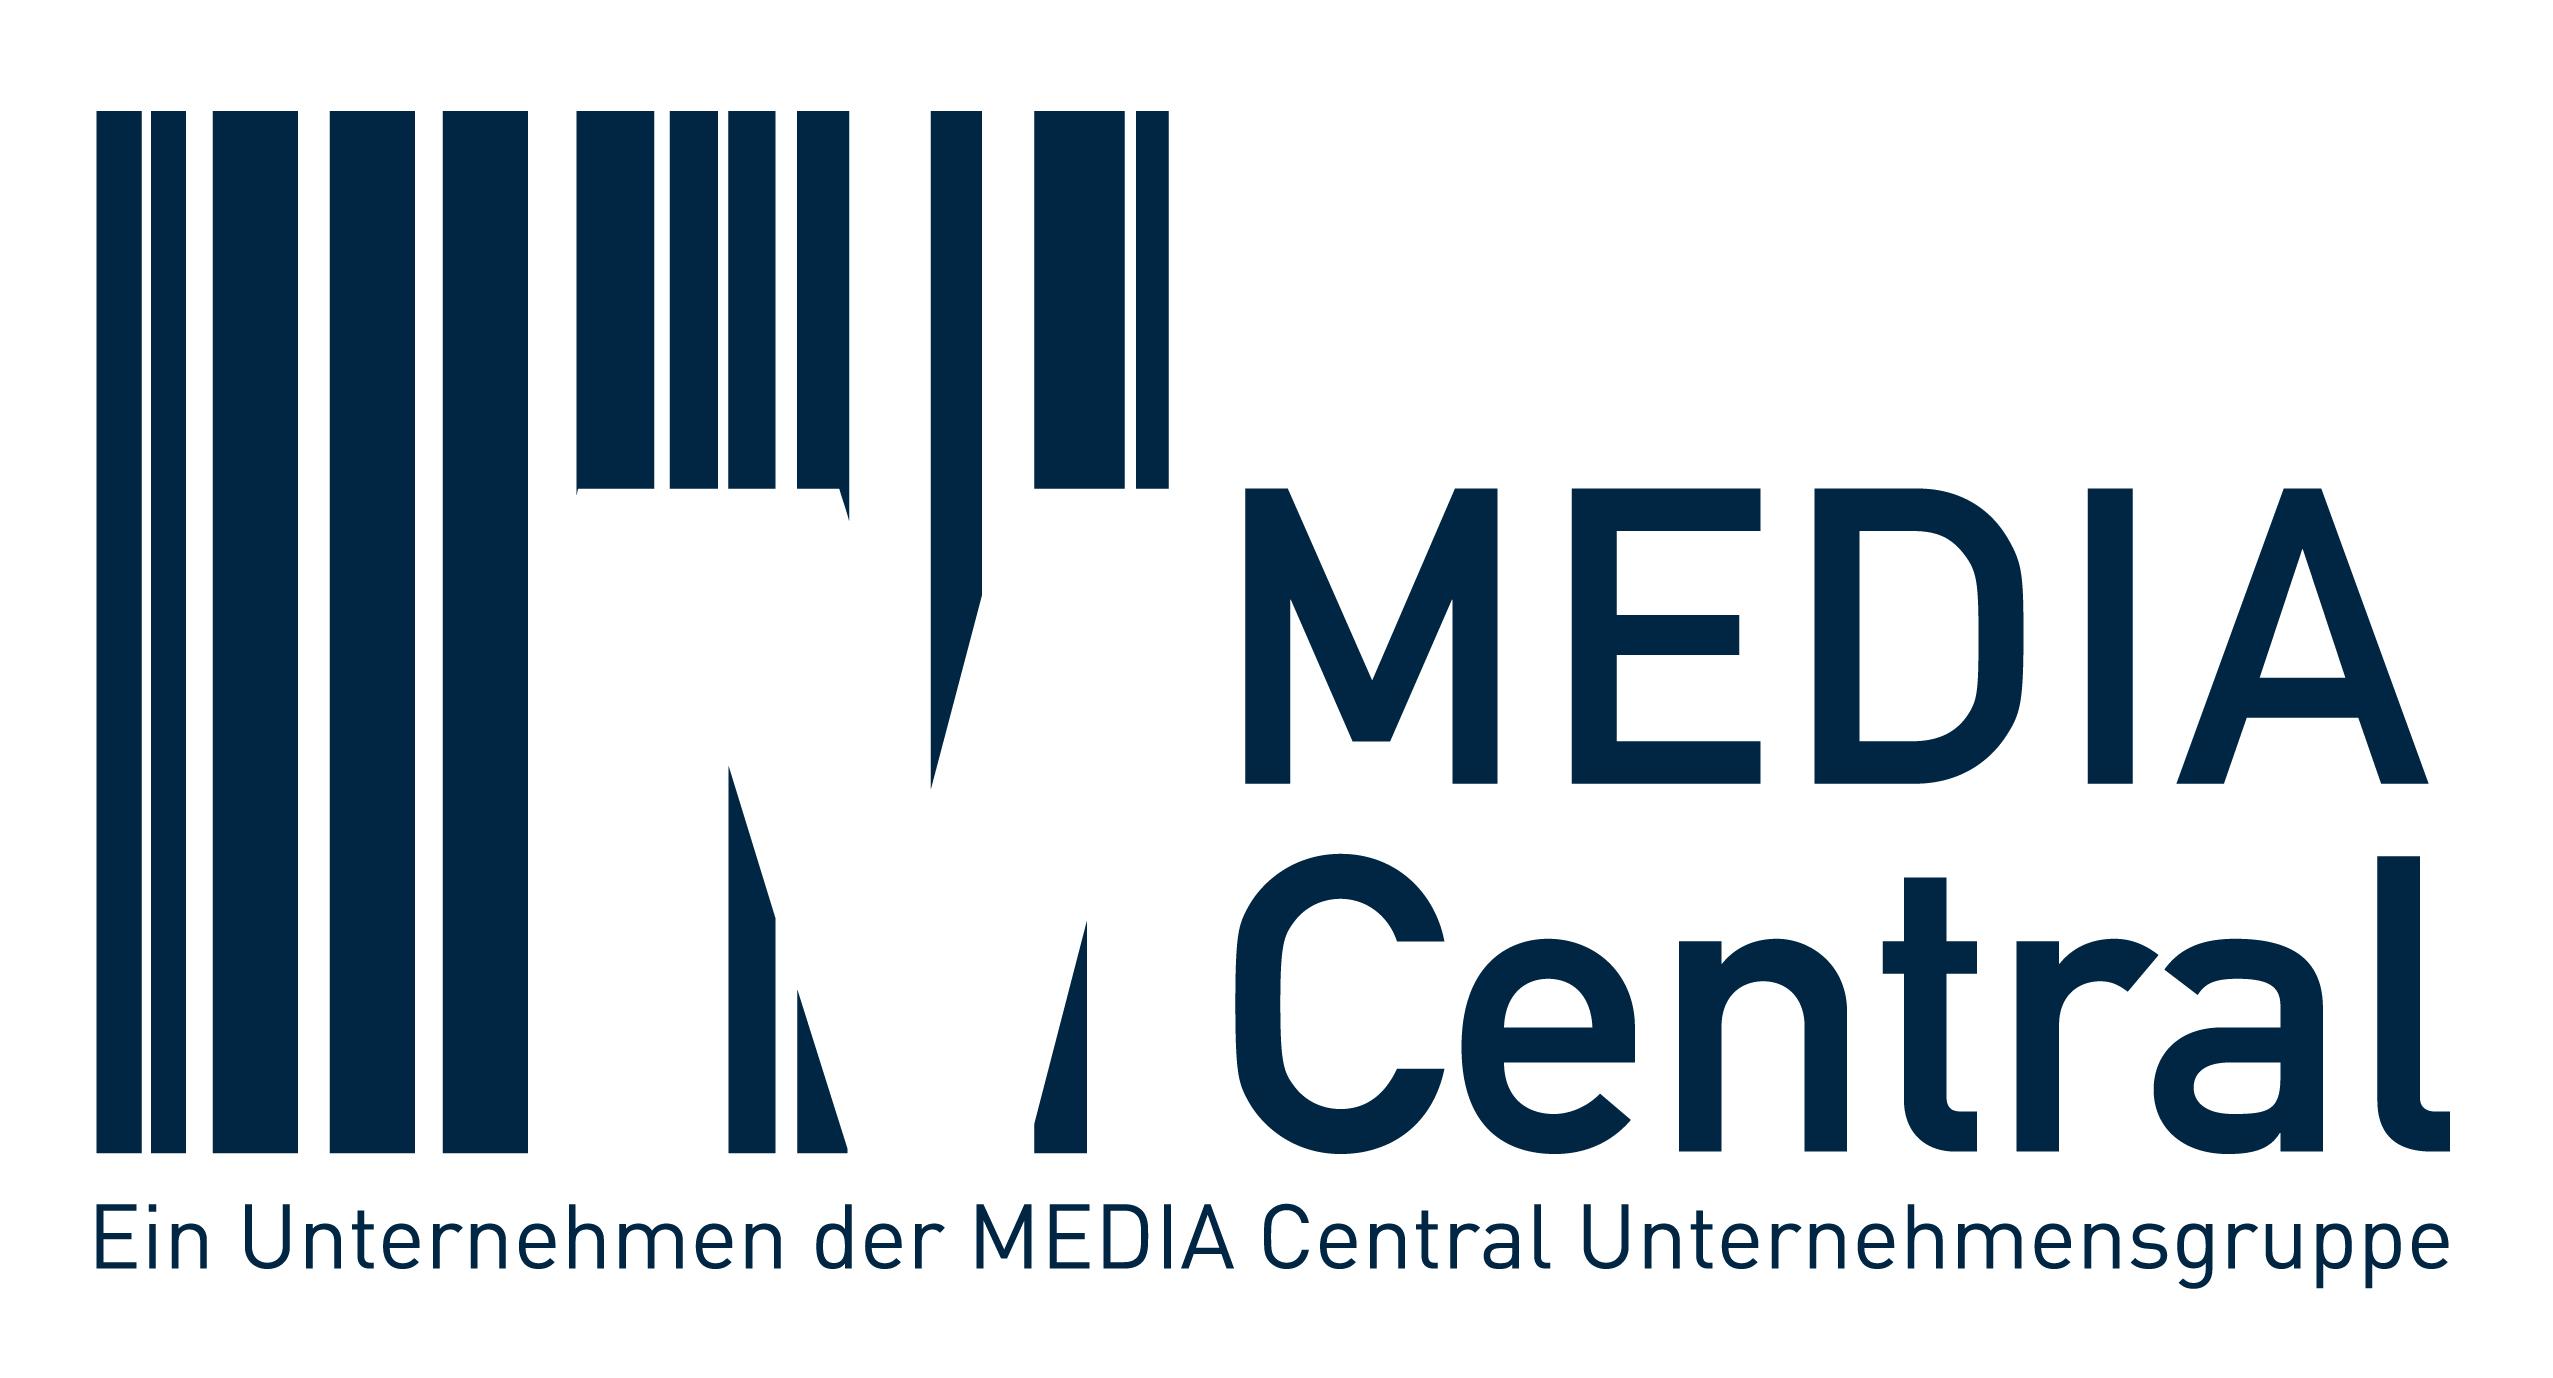 MEDIA Central Gesellschaft für Handelskommunikation und Marketing mbH